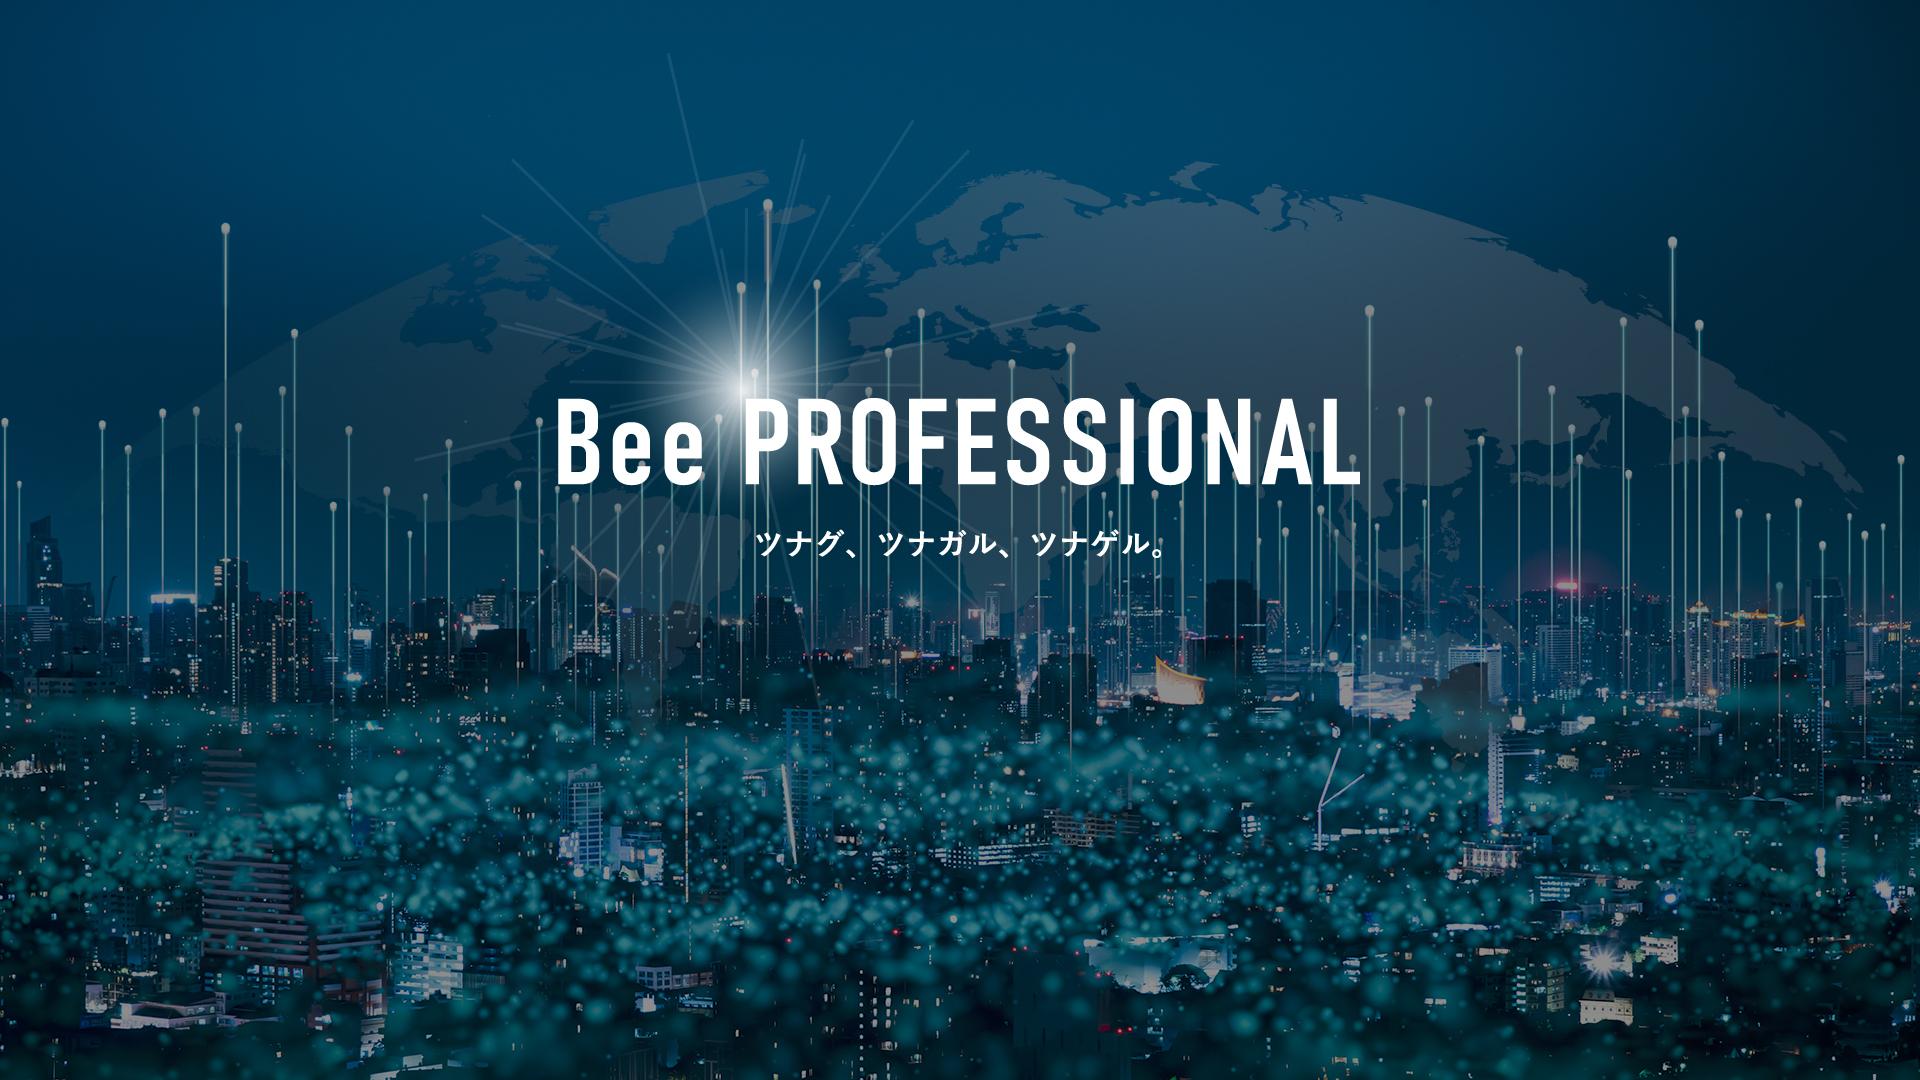 Bee PROFESSIONAL ツナグ、ツナガル、ツナゲル。